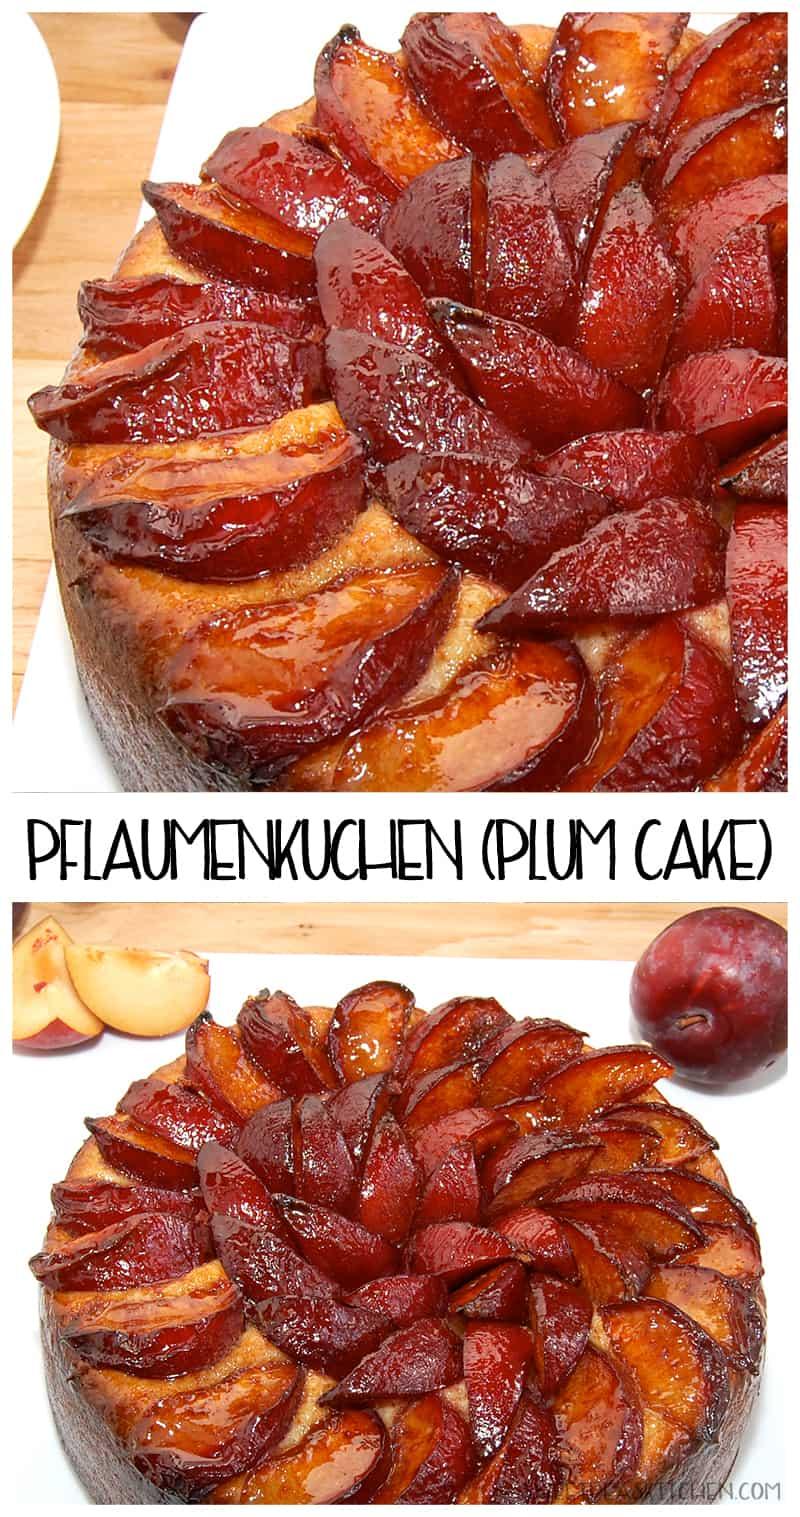 Pflaumenkuchen (German Plum Cake Recipe) - PIN IMAGE